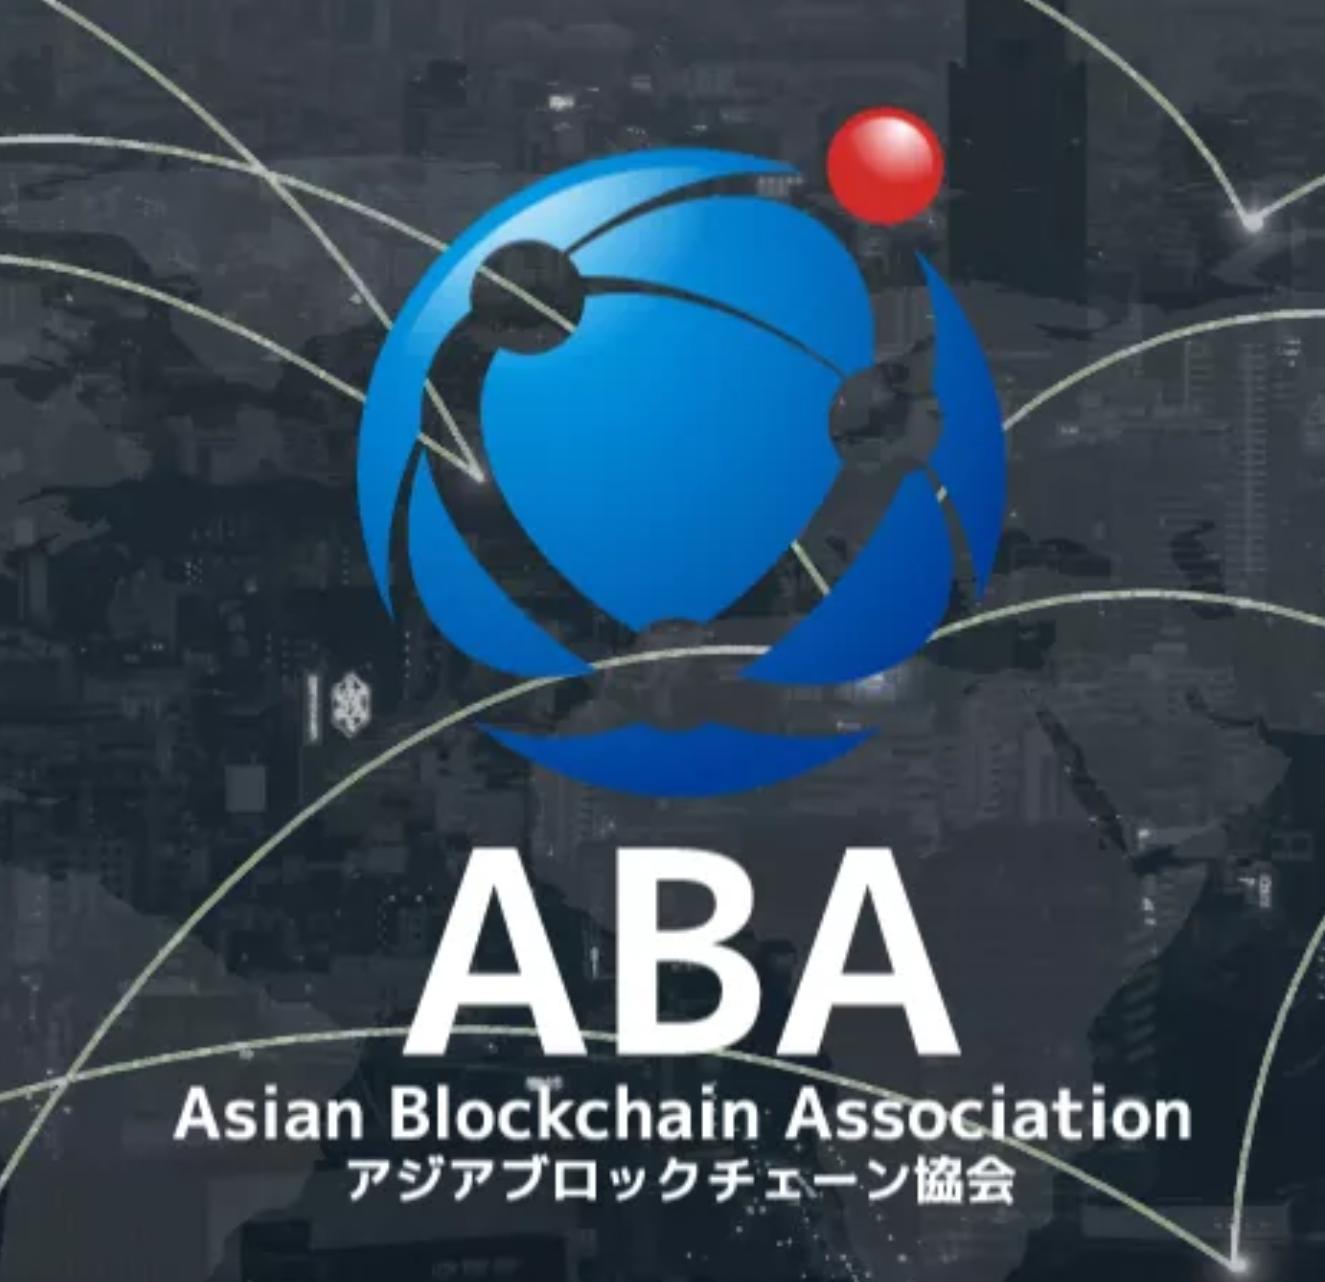 ABA協会の画像